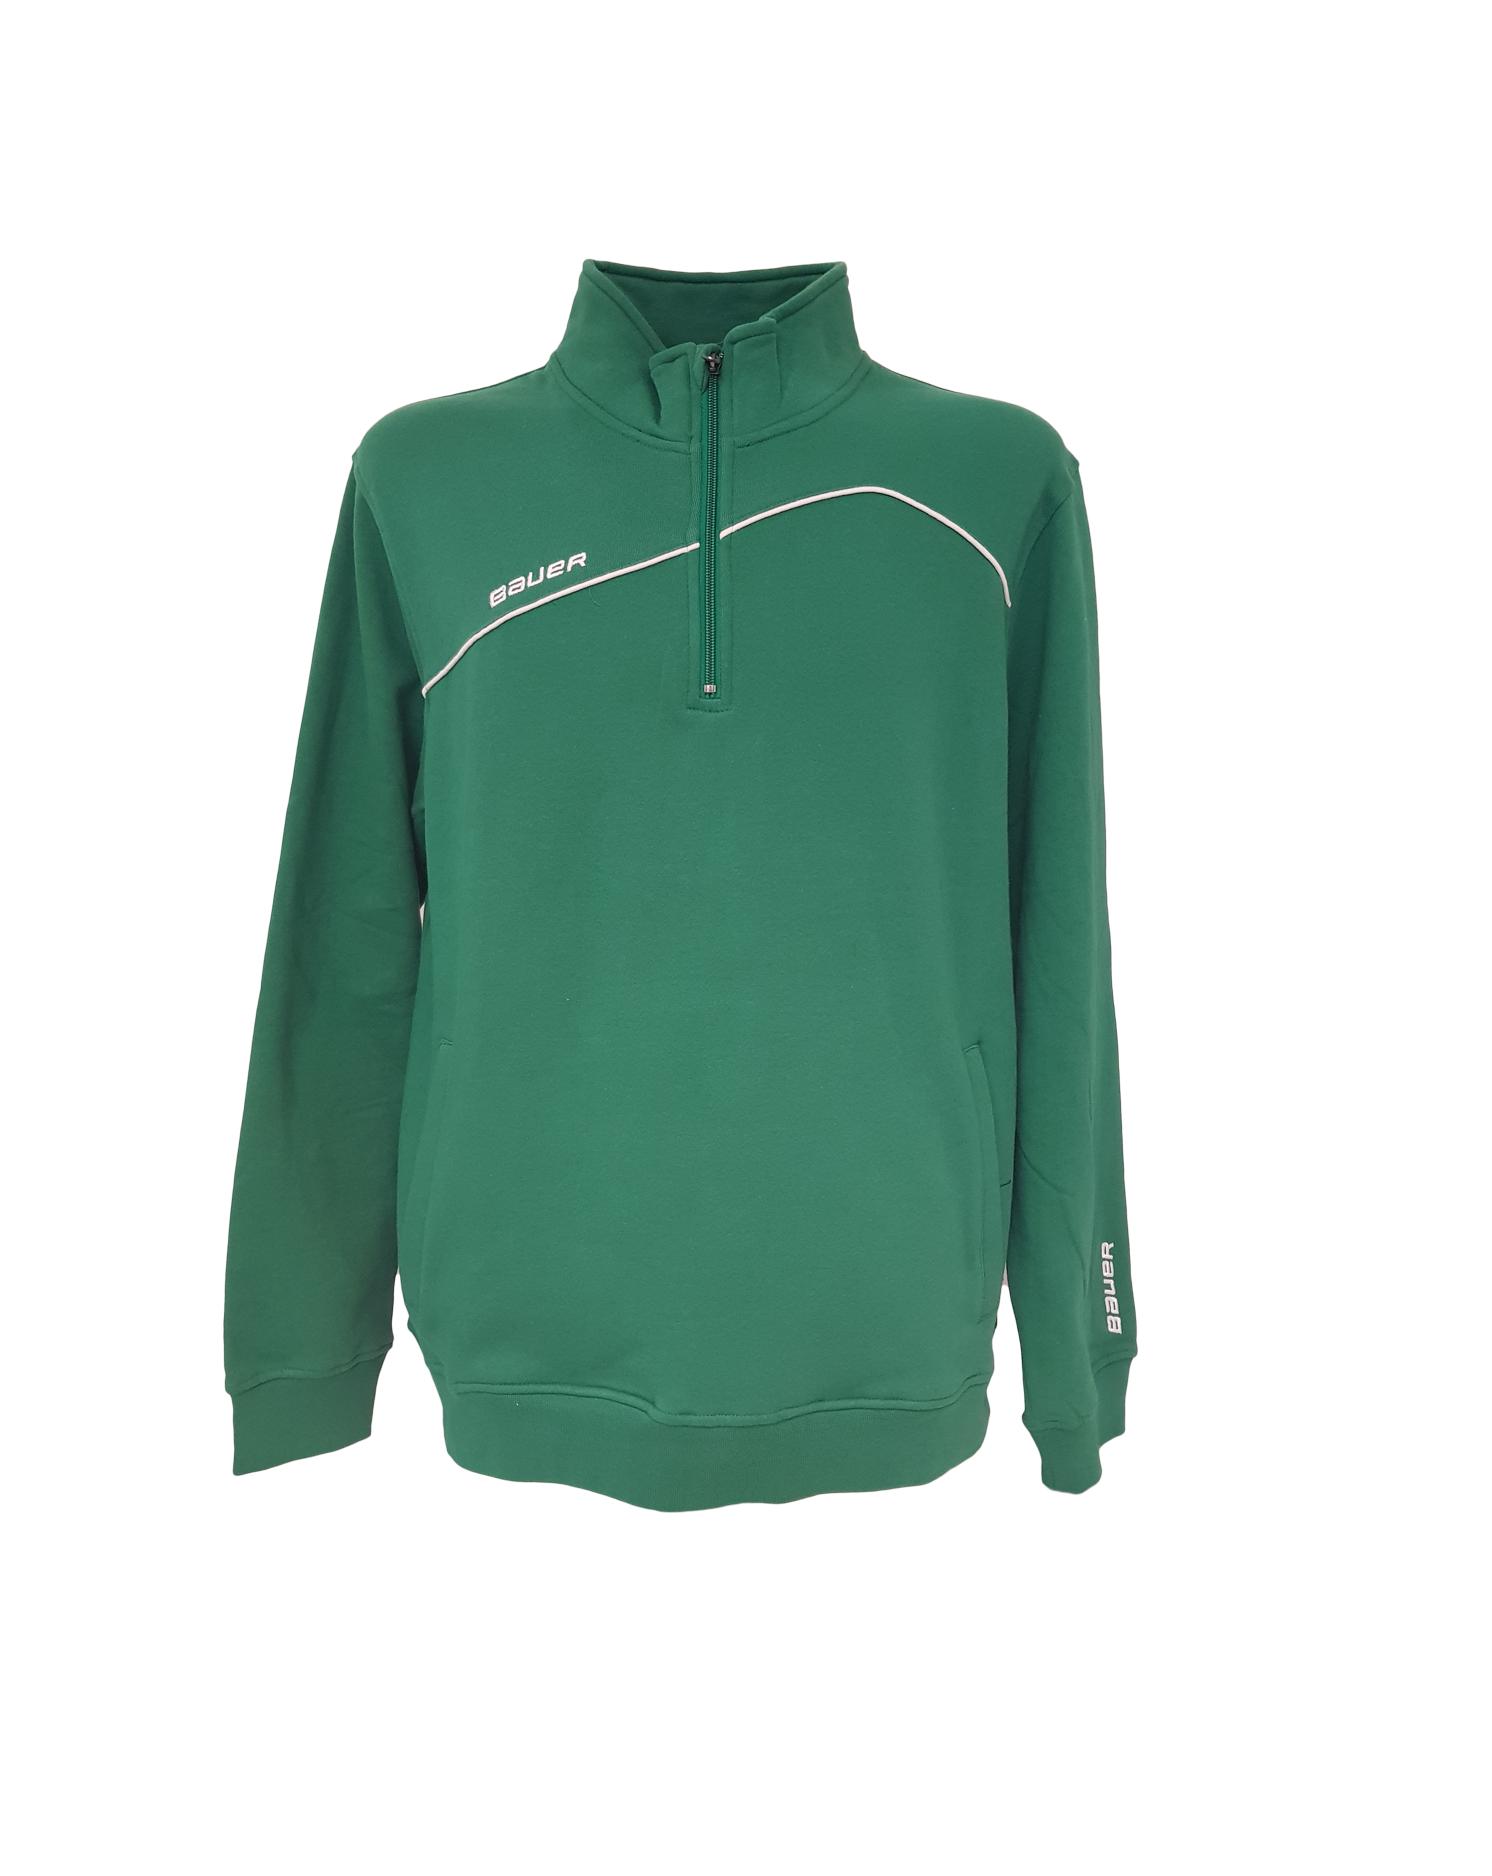 Bauer Team Core 1/4 Adult Zip Sweatshirt